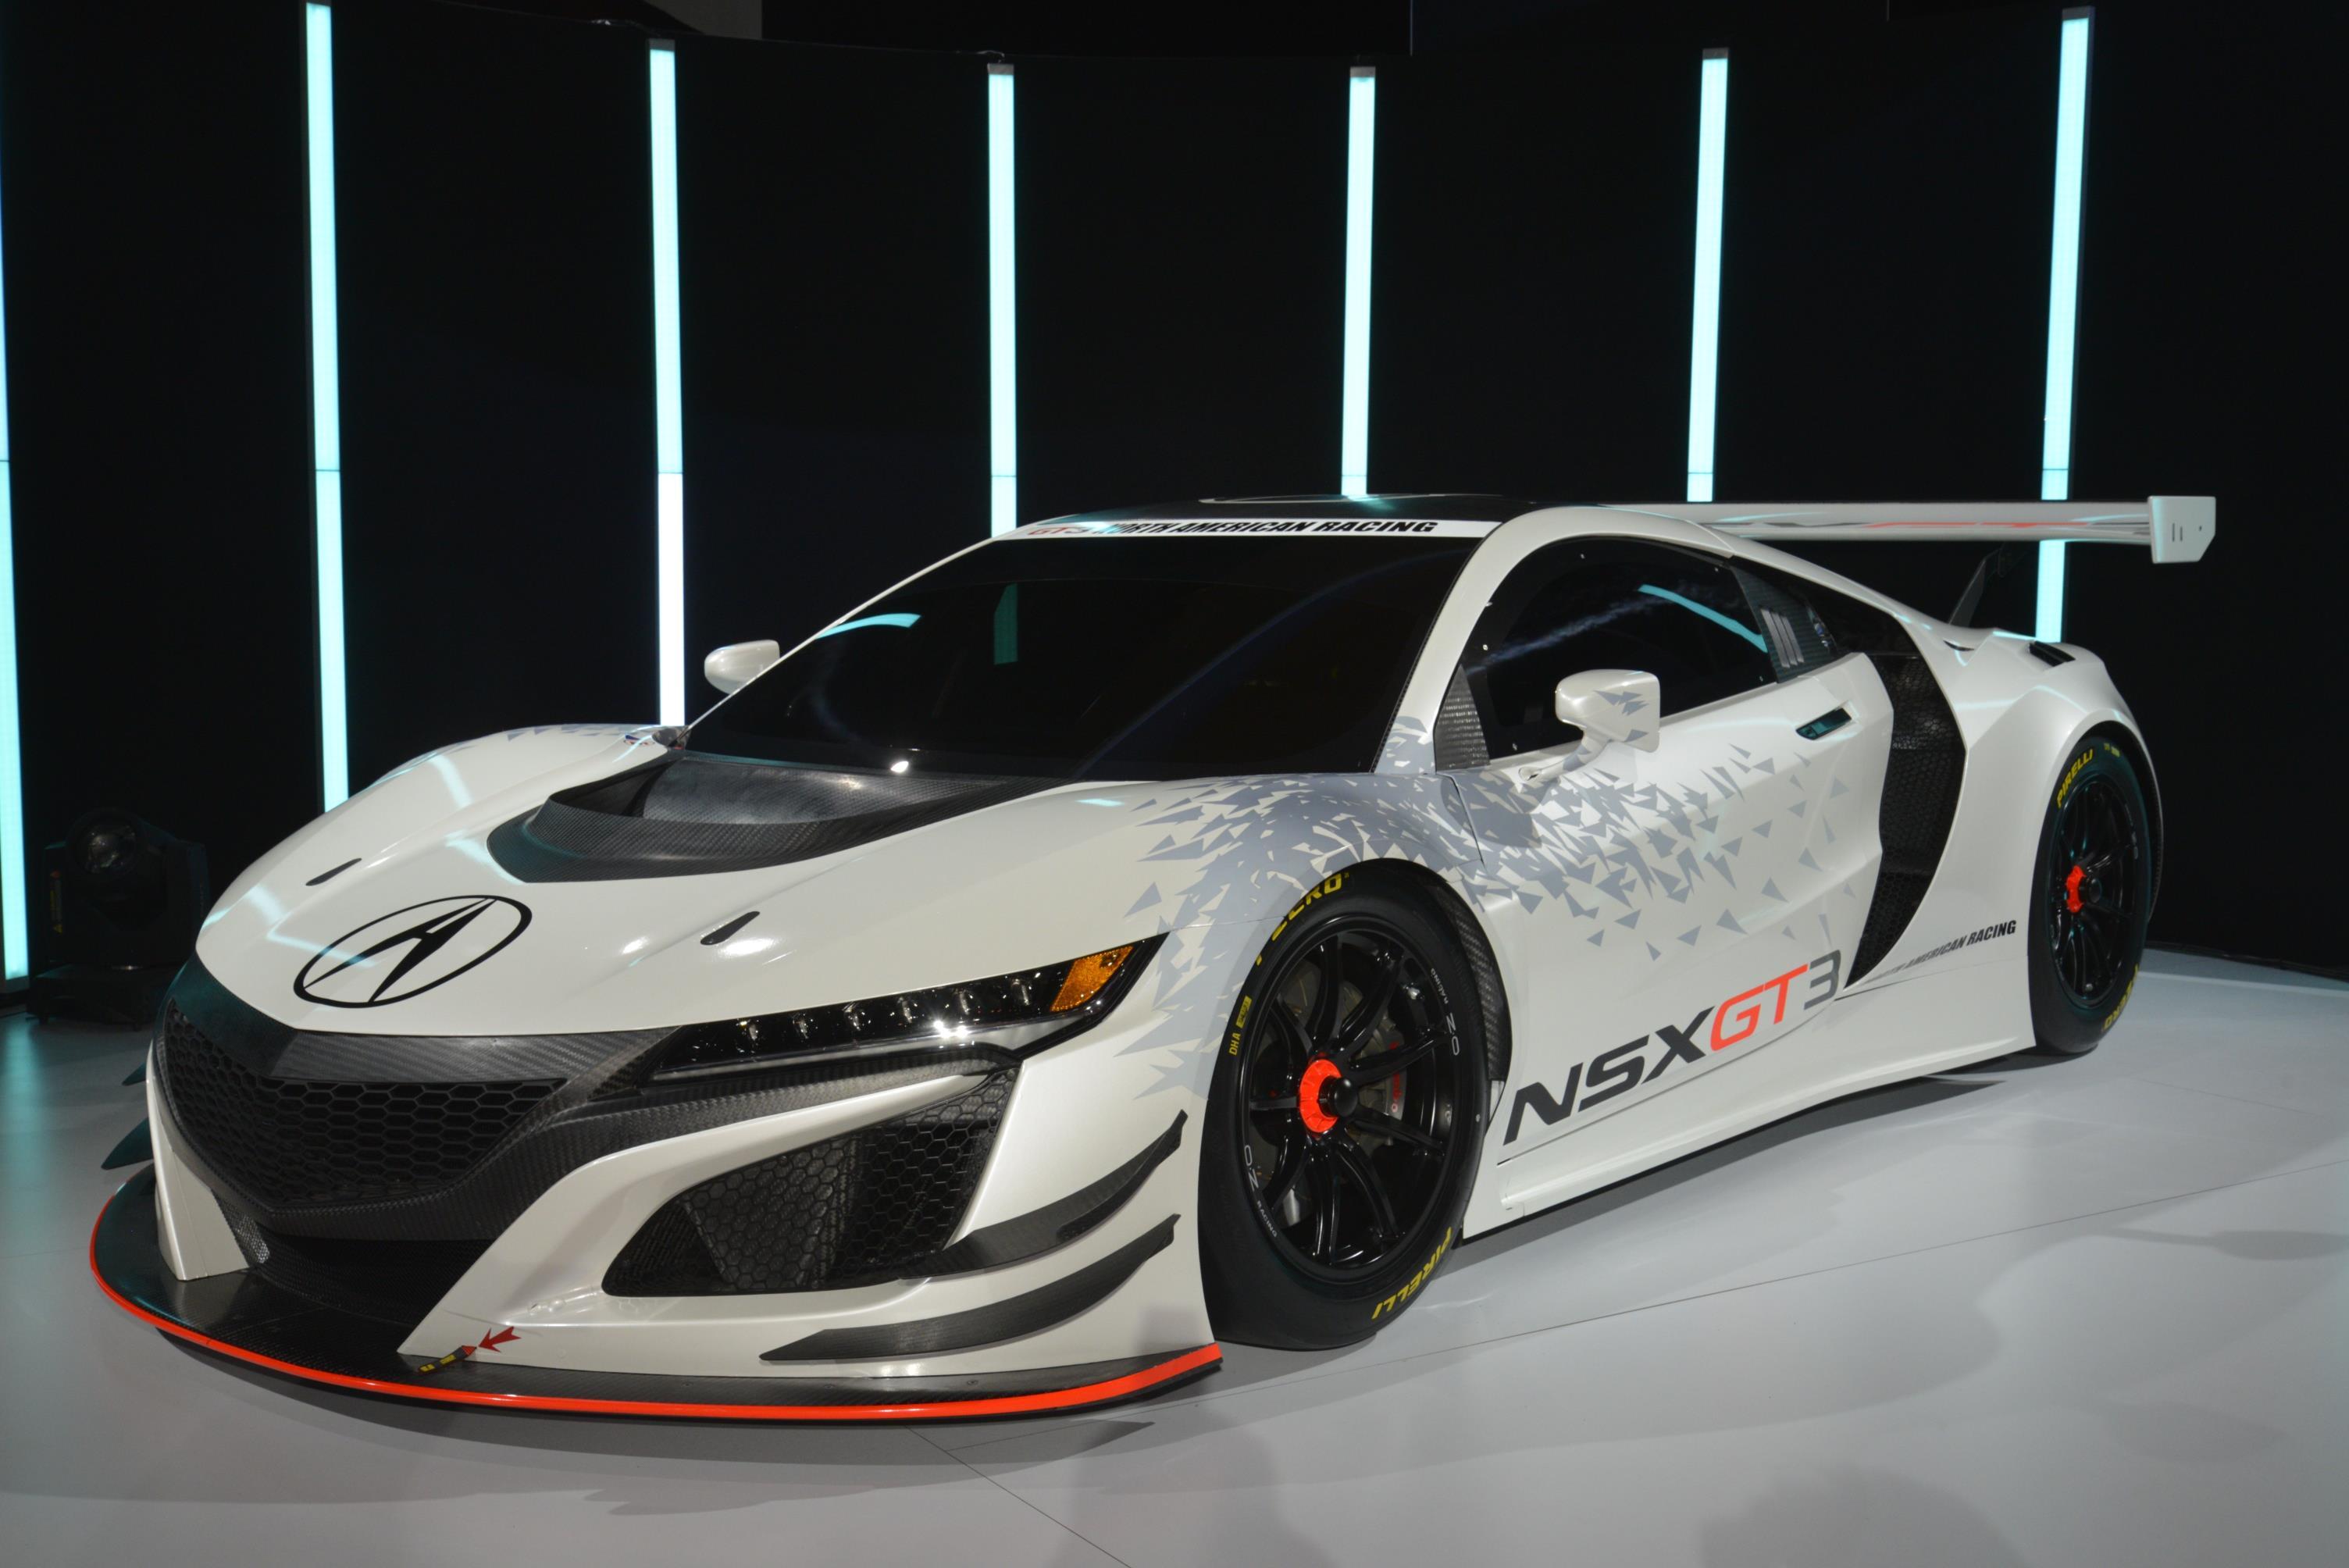 2017 Acura Nsx Gt3 Racecar